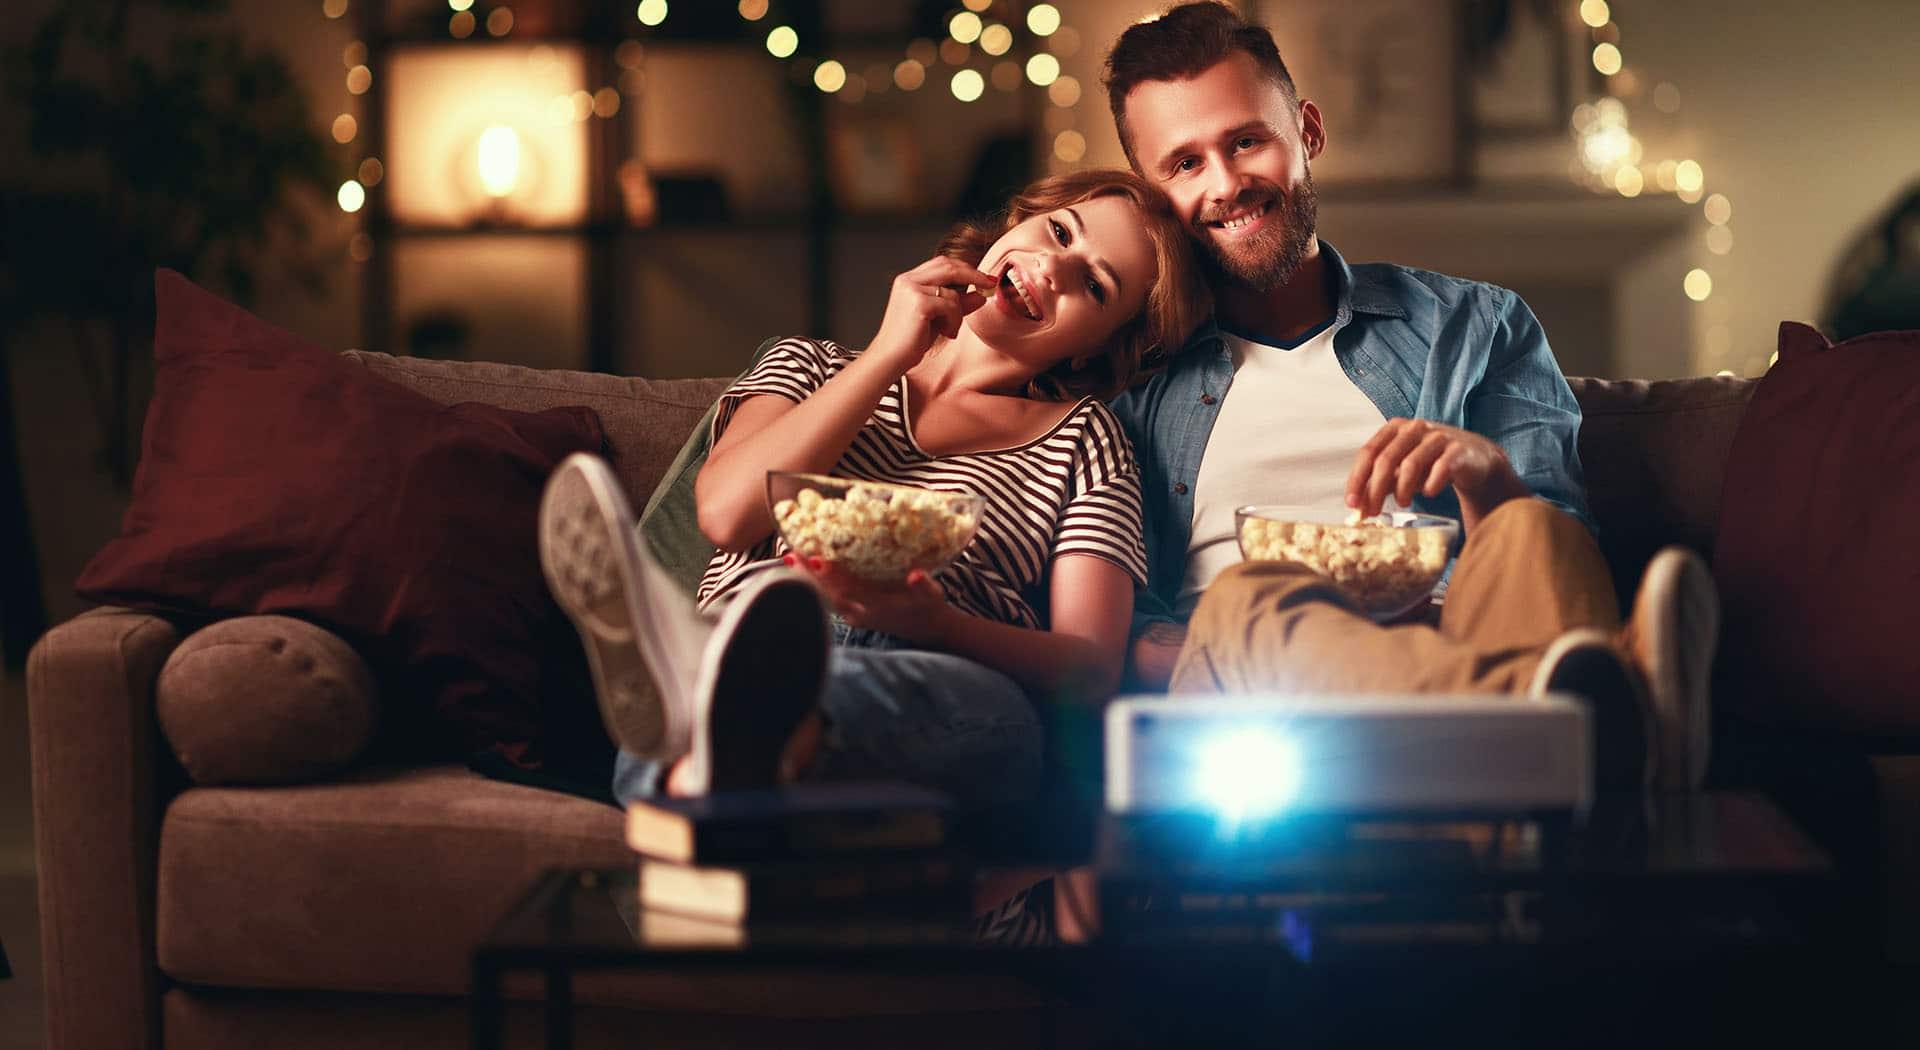 Paar schaut im Wohnzimmer Film mit Mini Beamer